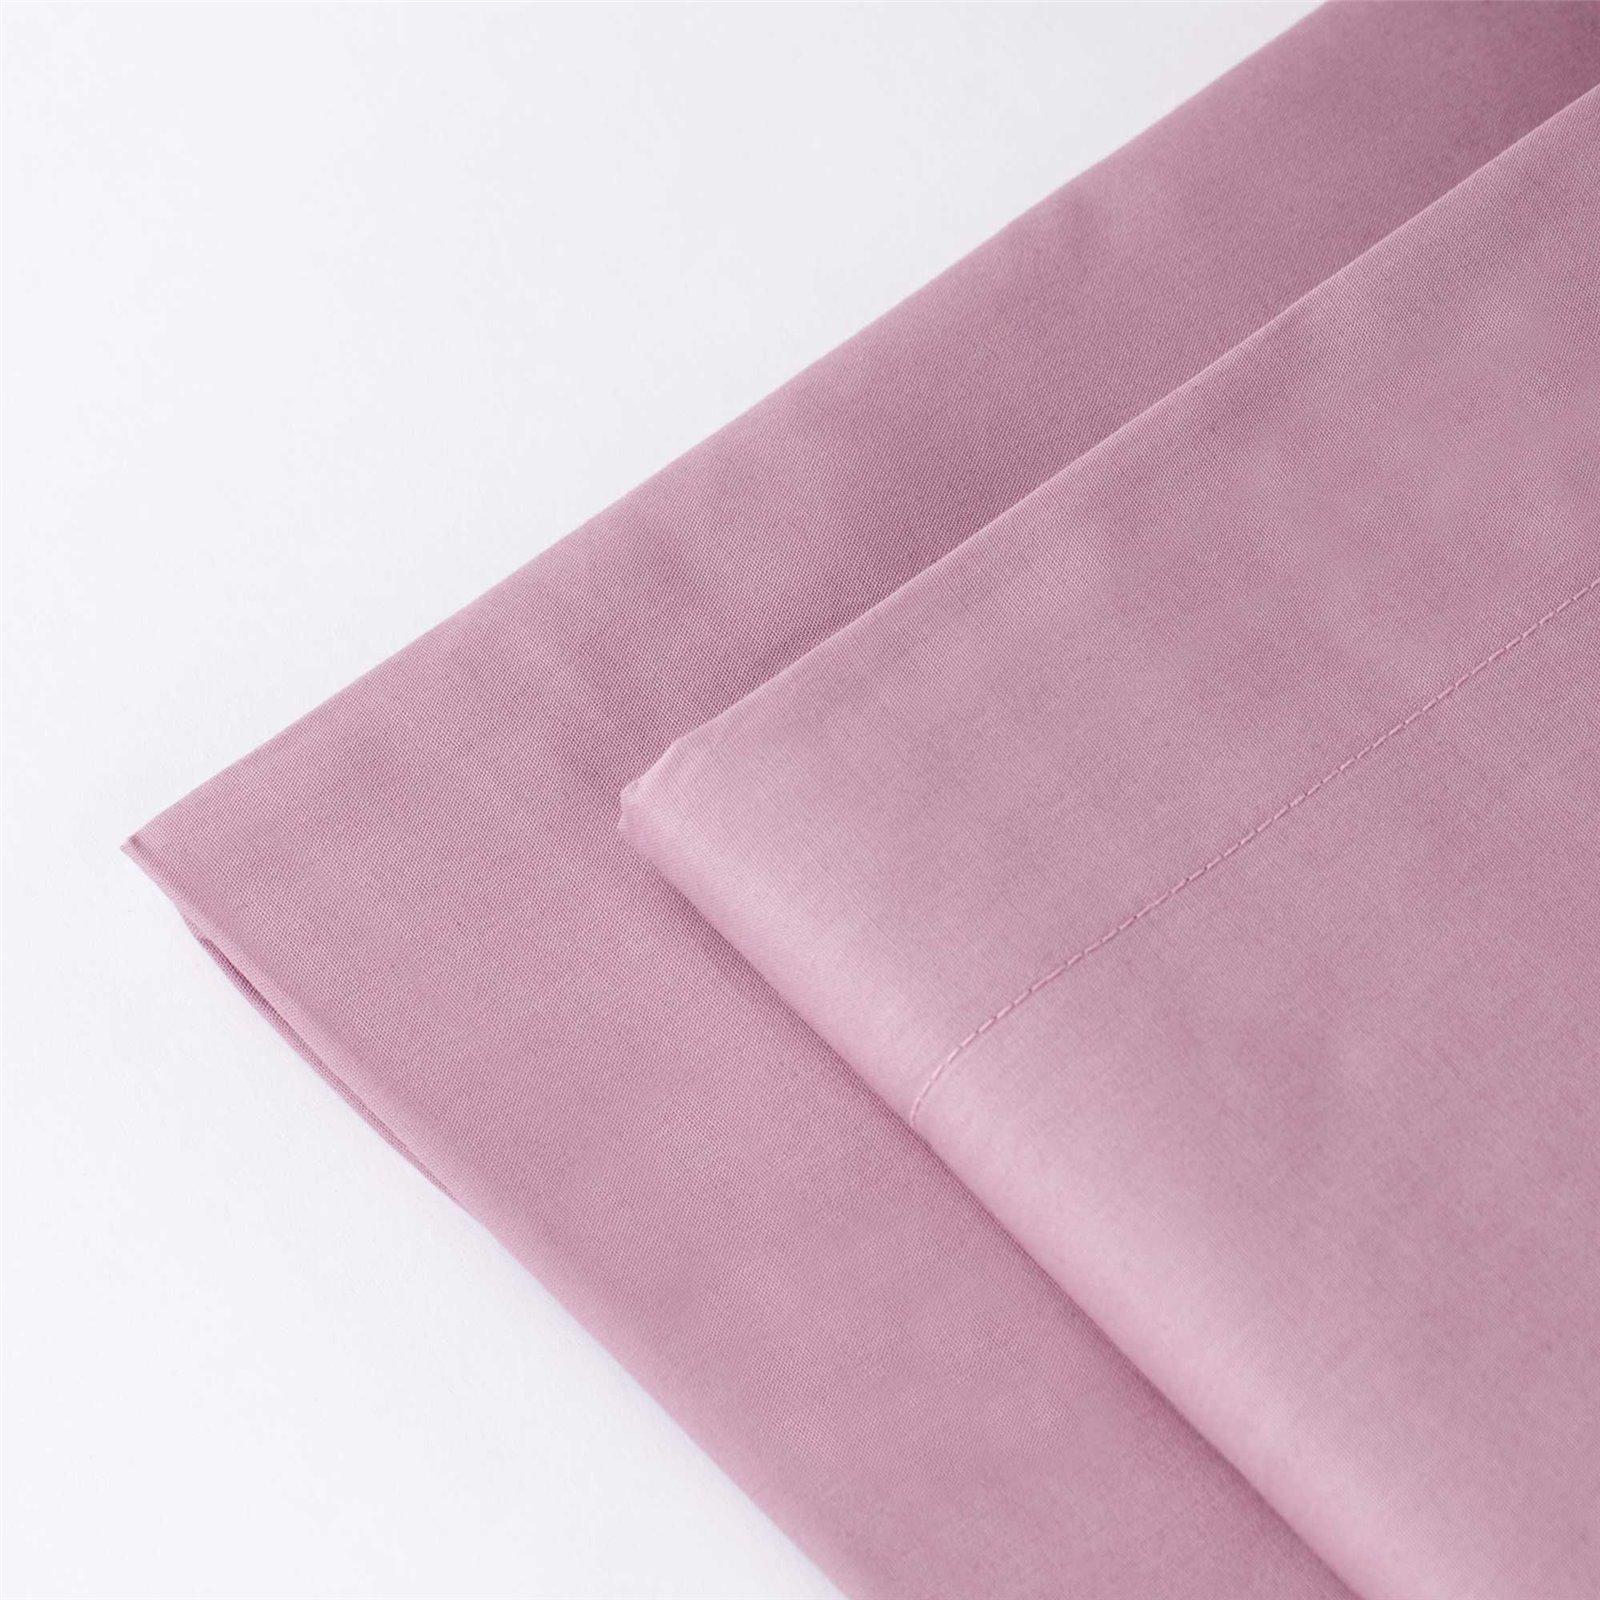 Berceau Cotton Satin quilt